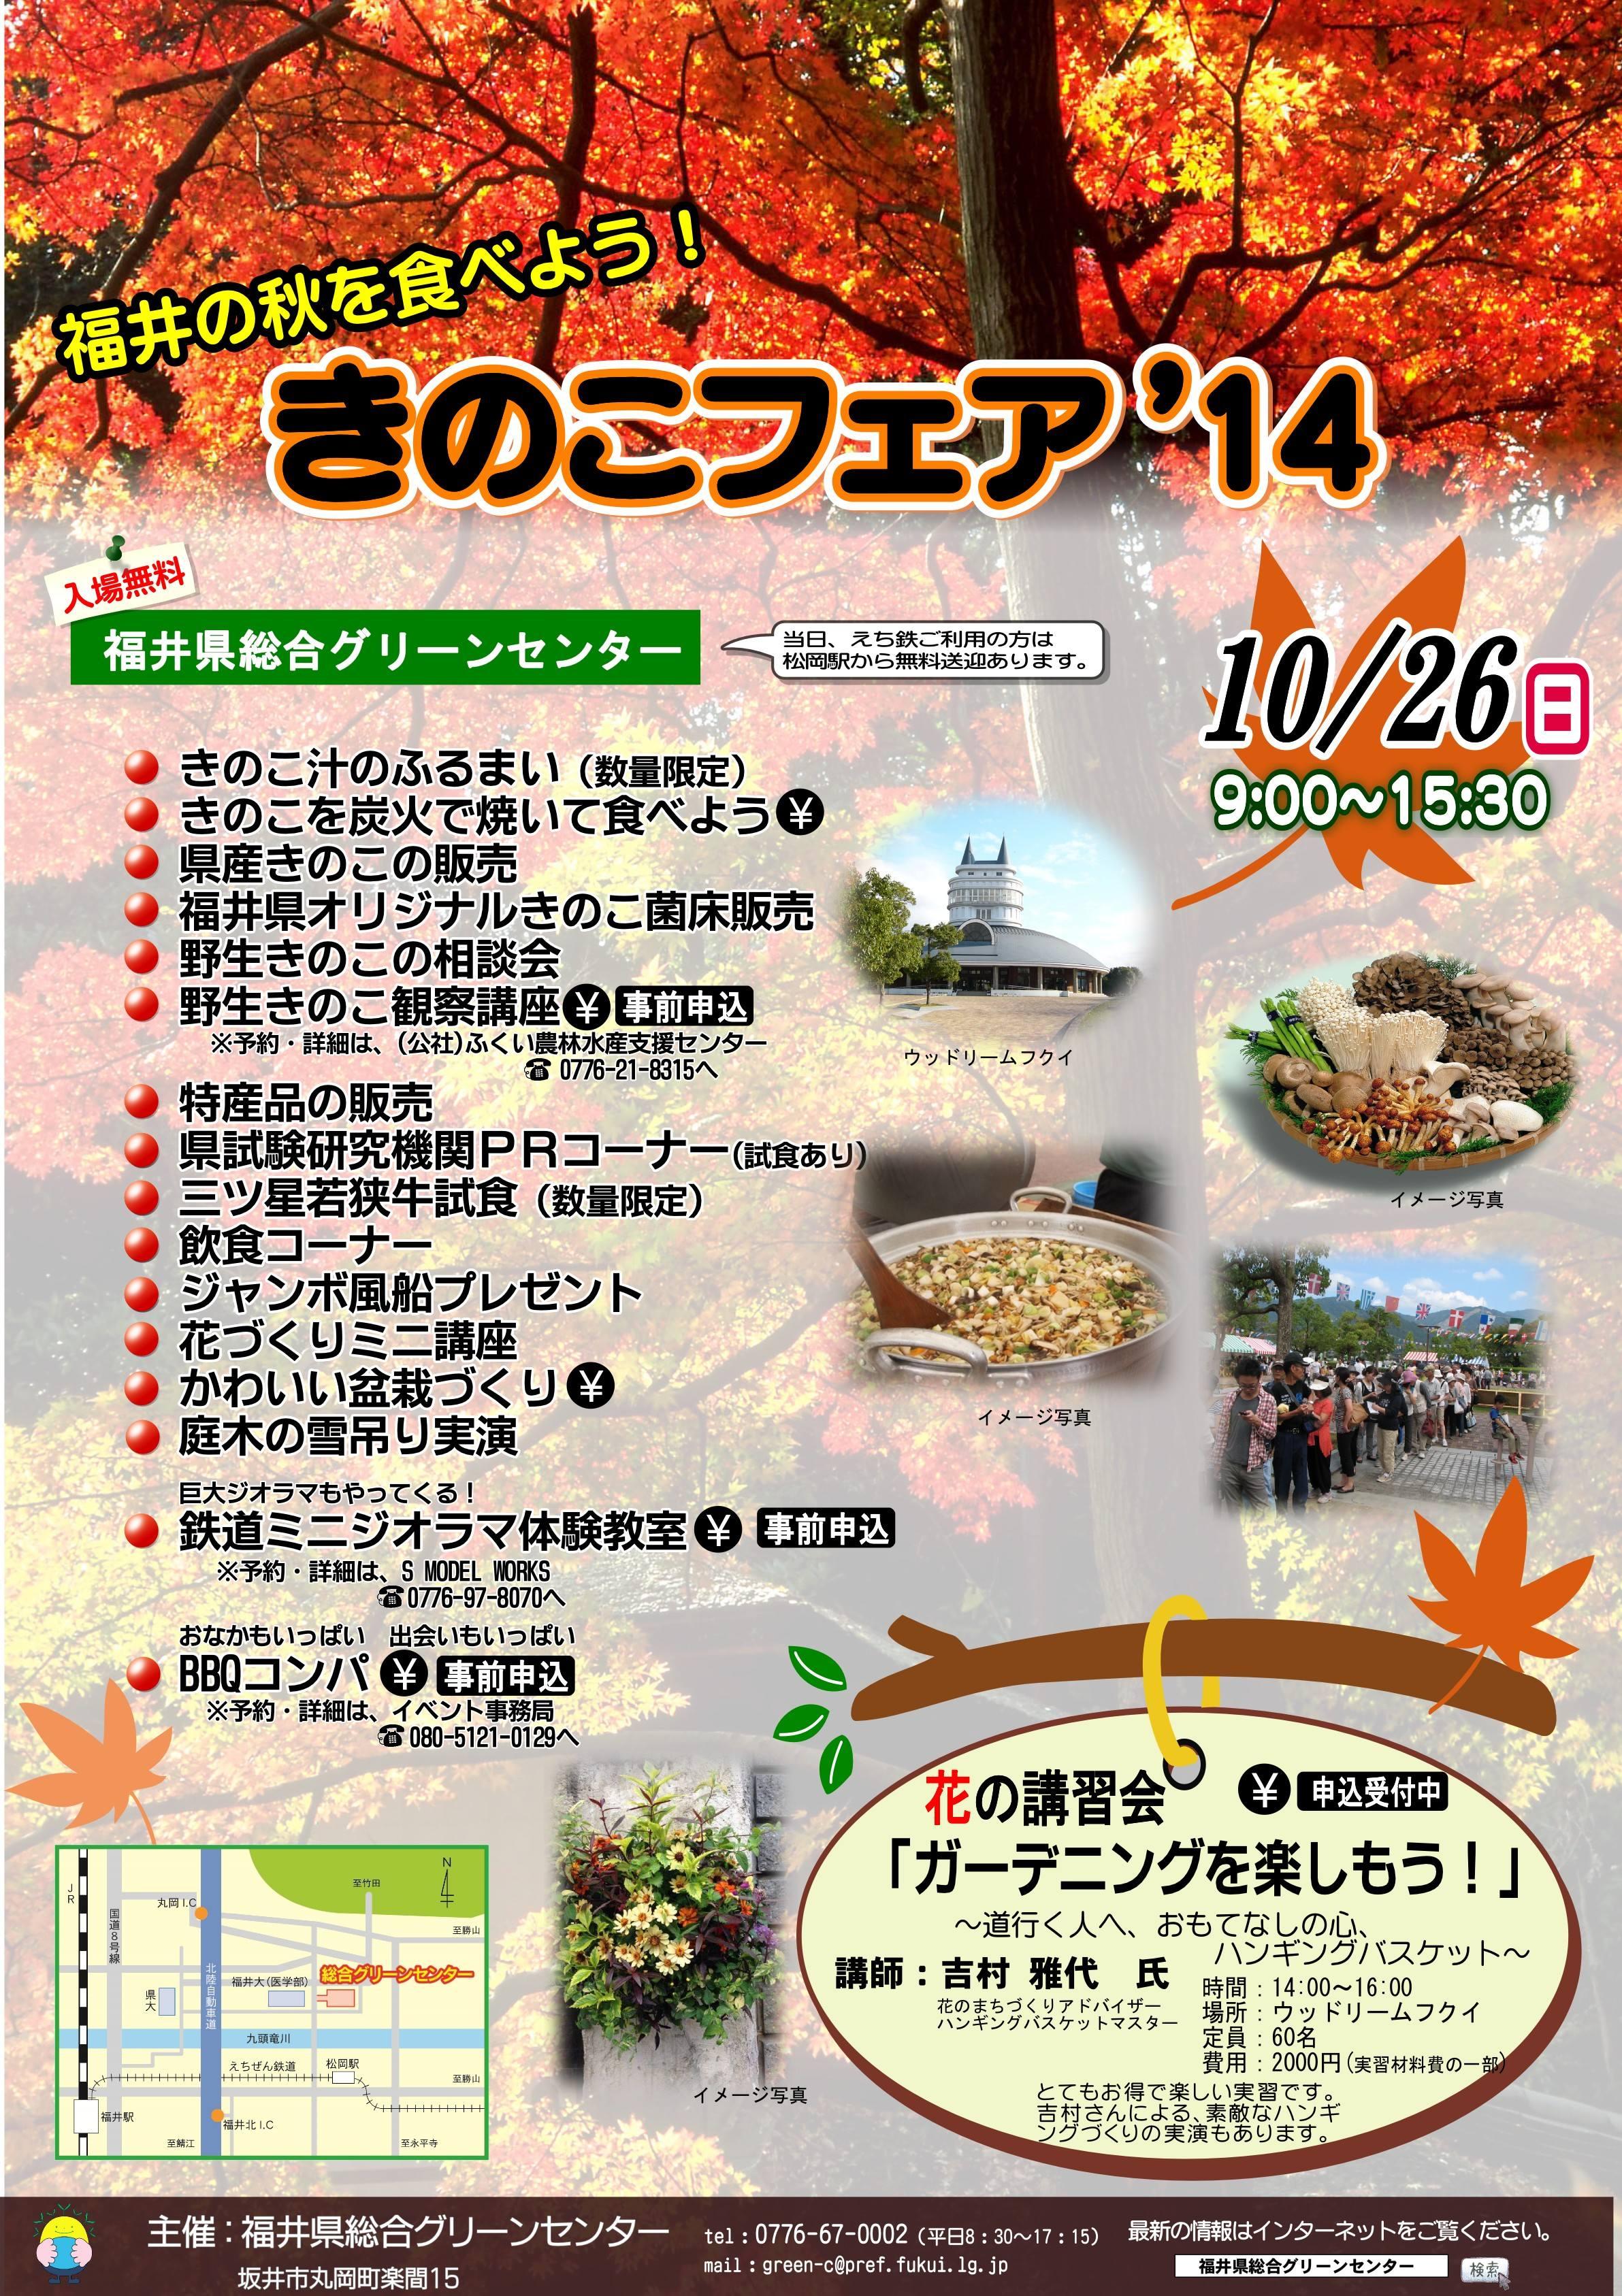 10月26日(日)開催 きのこフェア'14チラシ